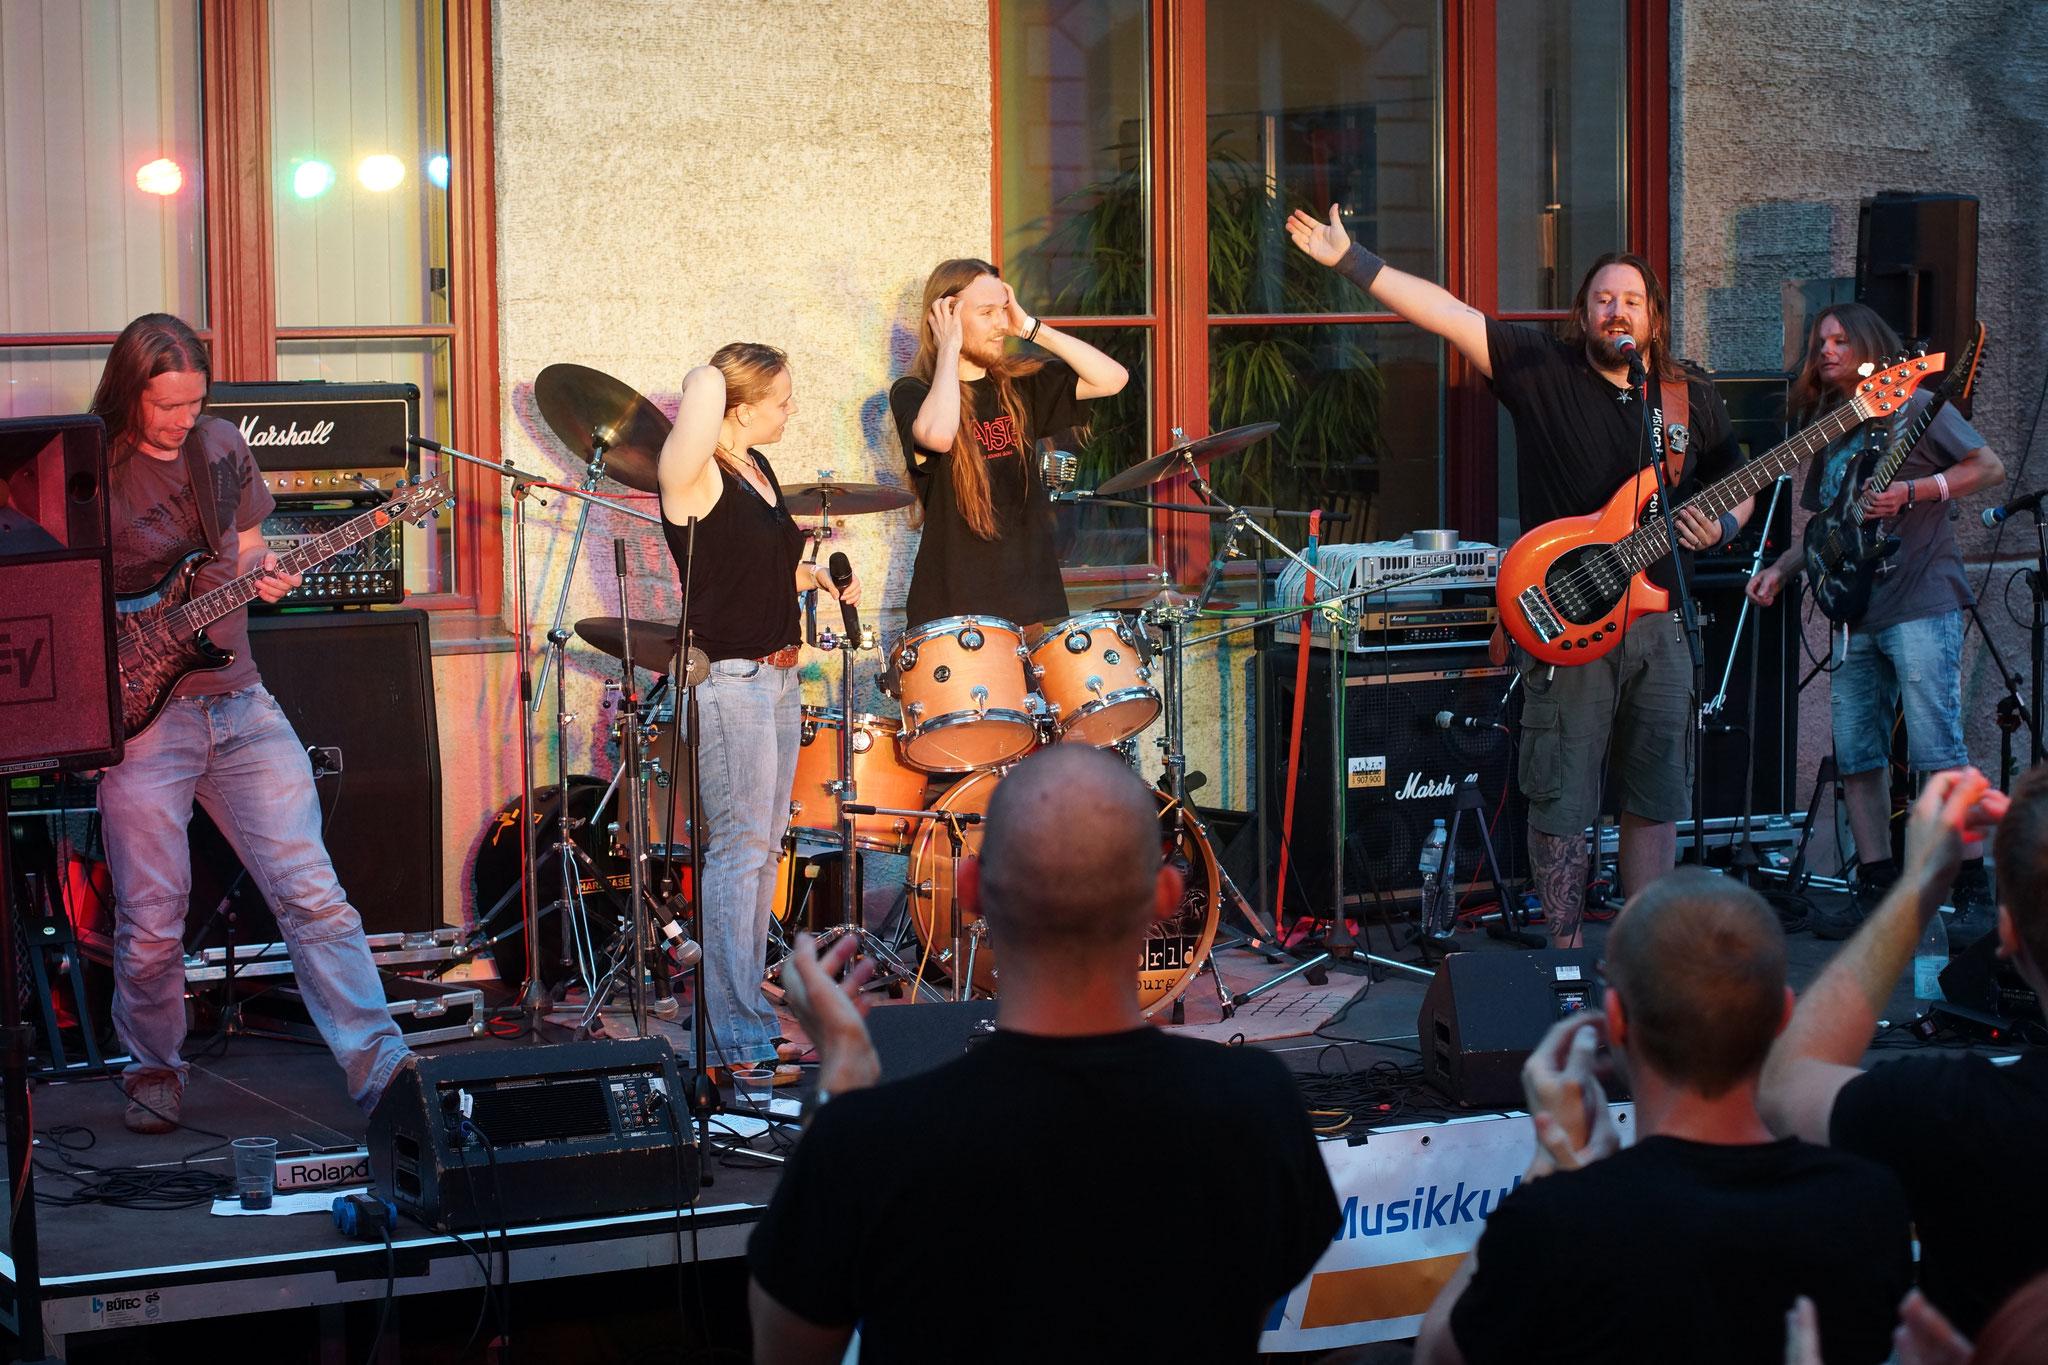 Konzerte im Bürgerhof 02.07.15 Dislocated Theory - Freiwilligen-Zentrum Augsburg - Foto: Crayfish